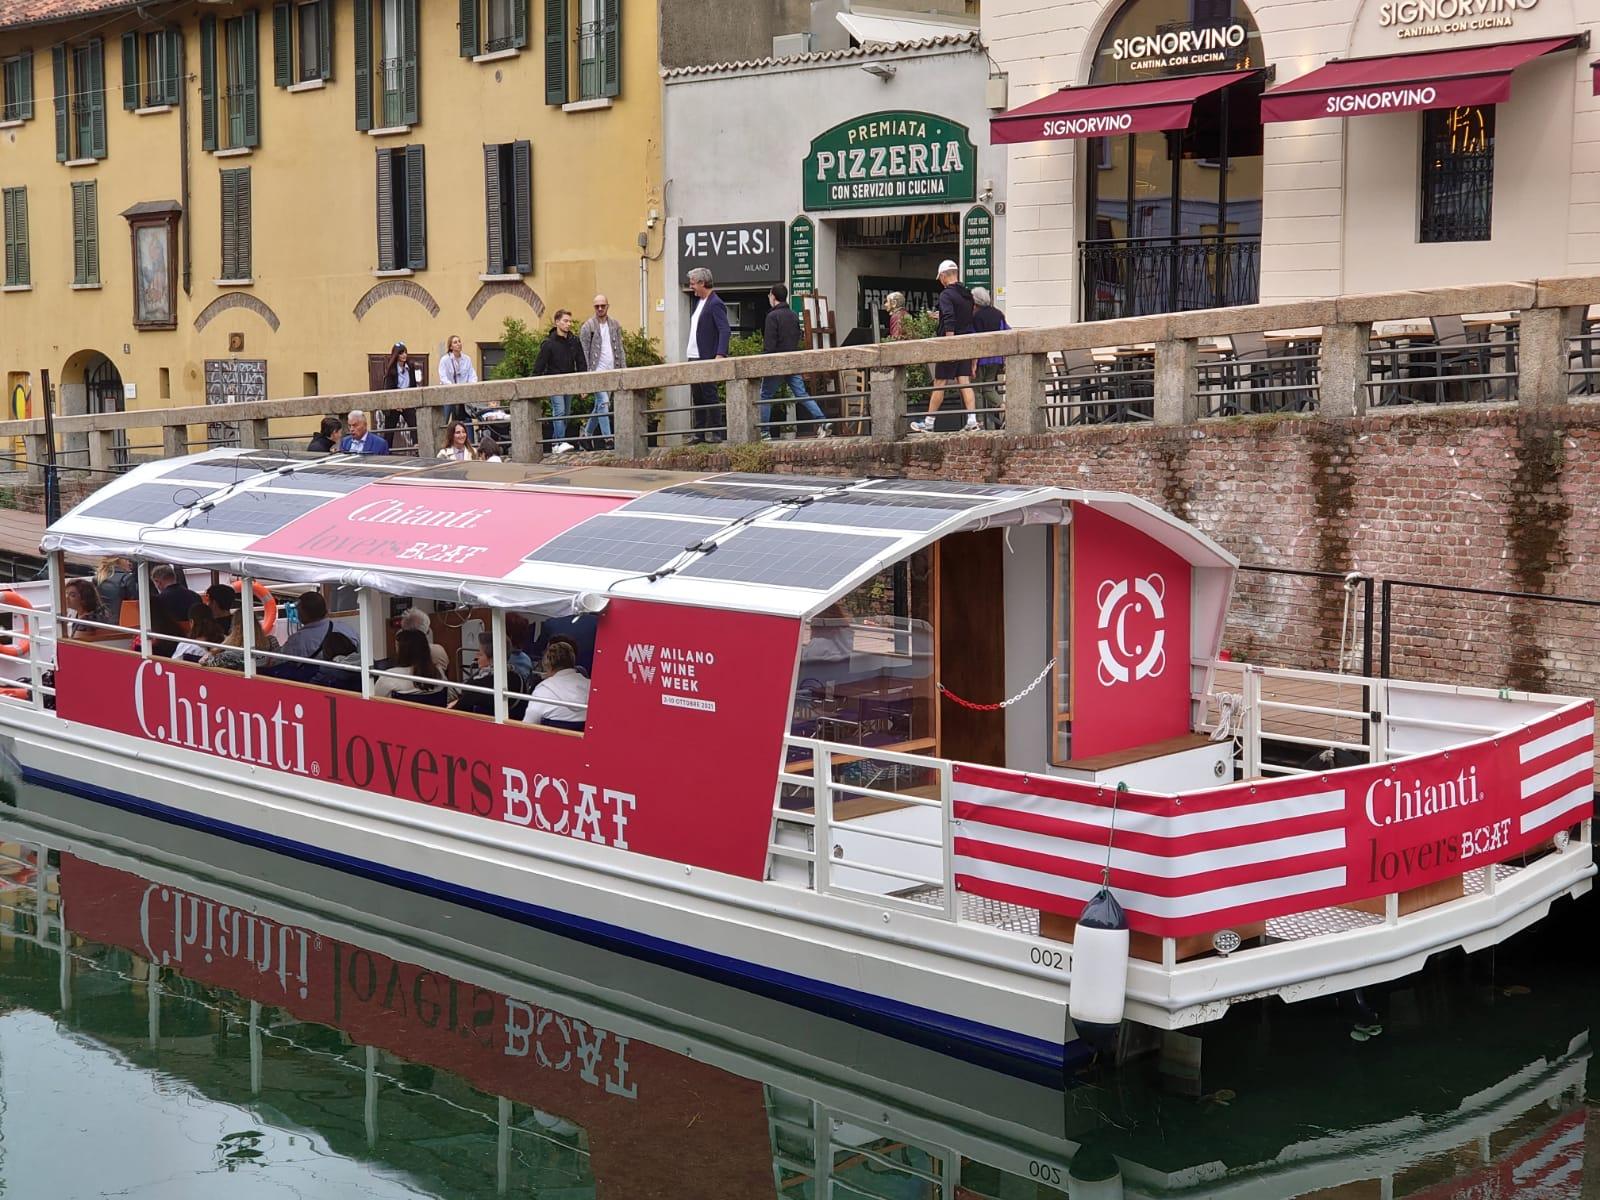 chianti_lovers_boat